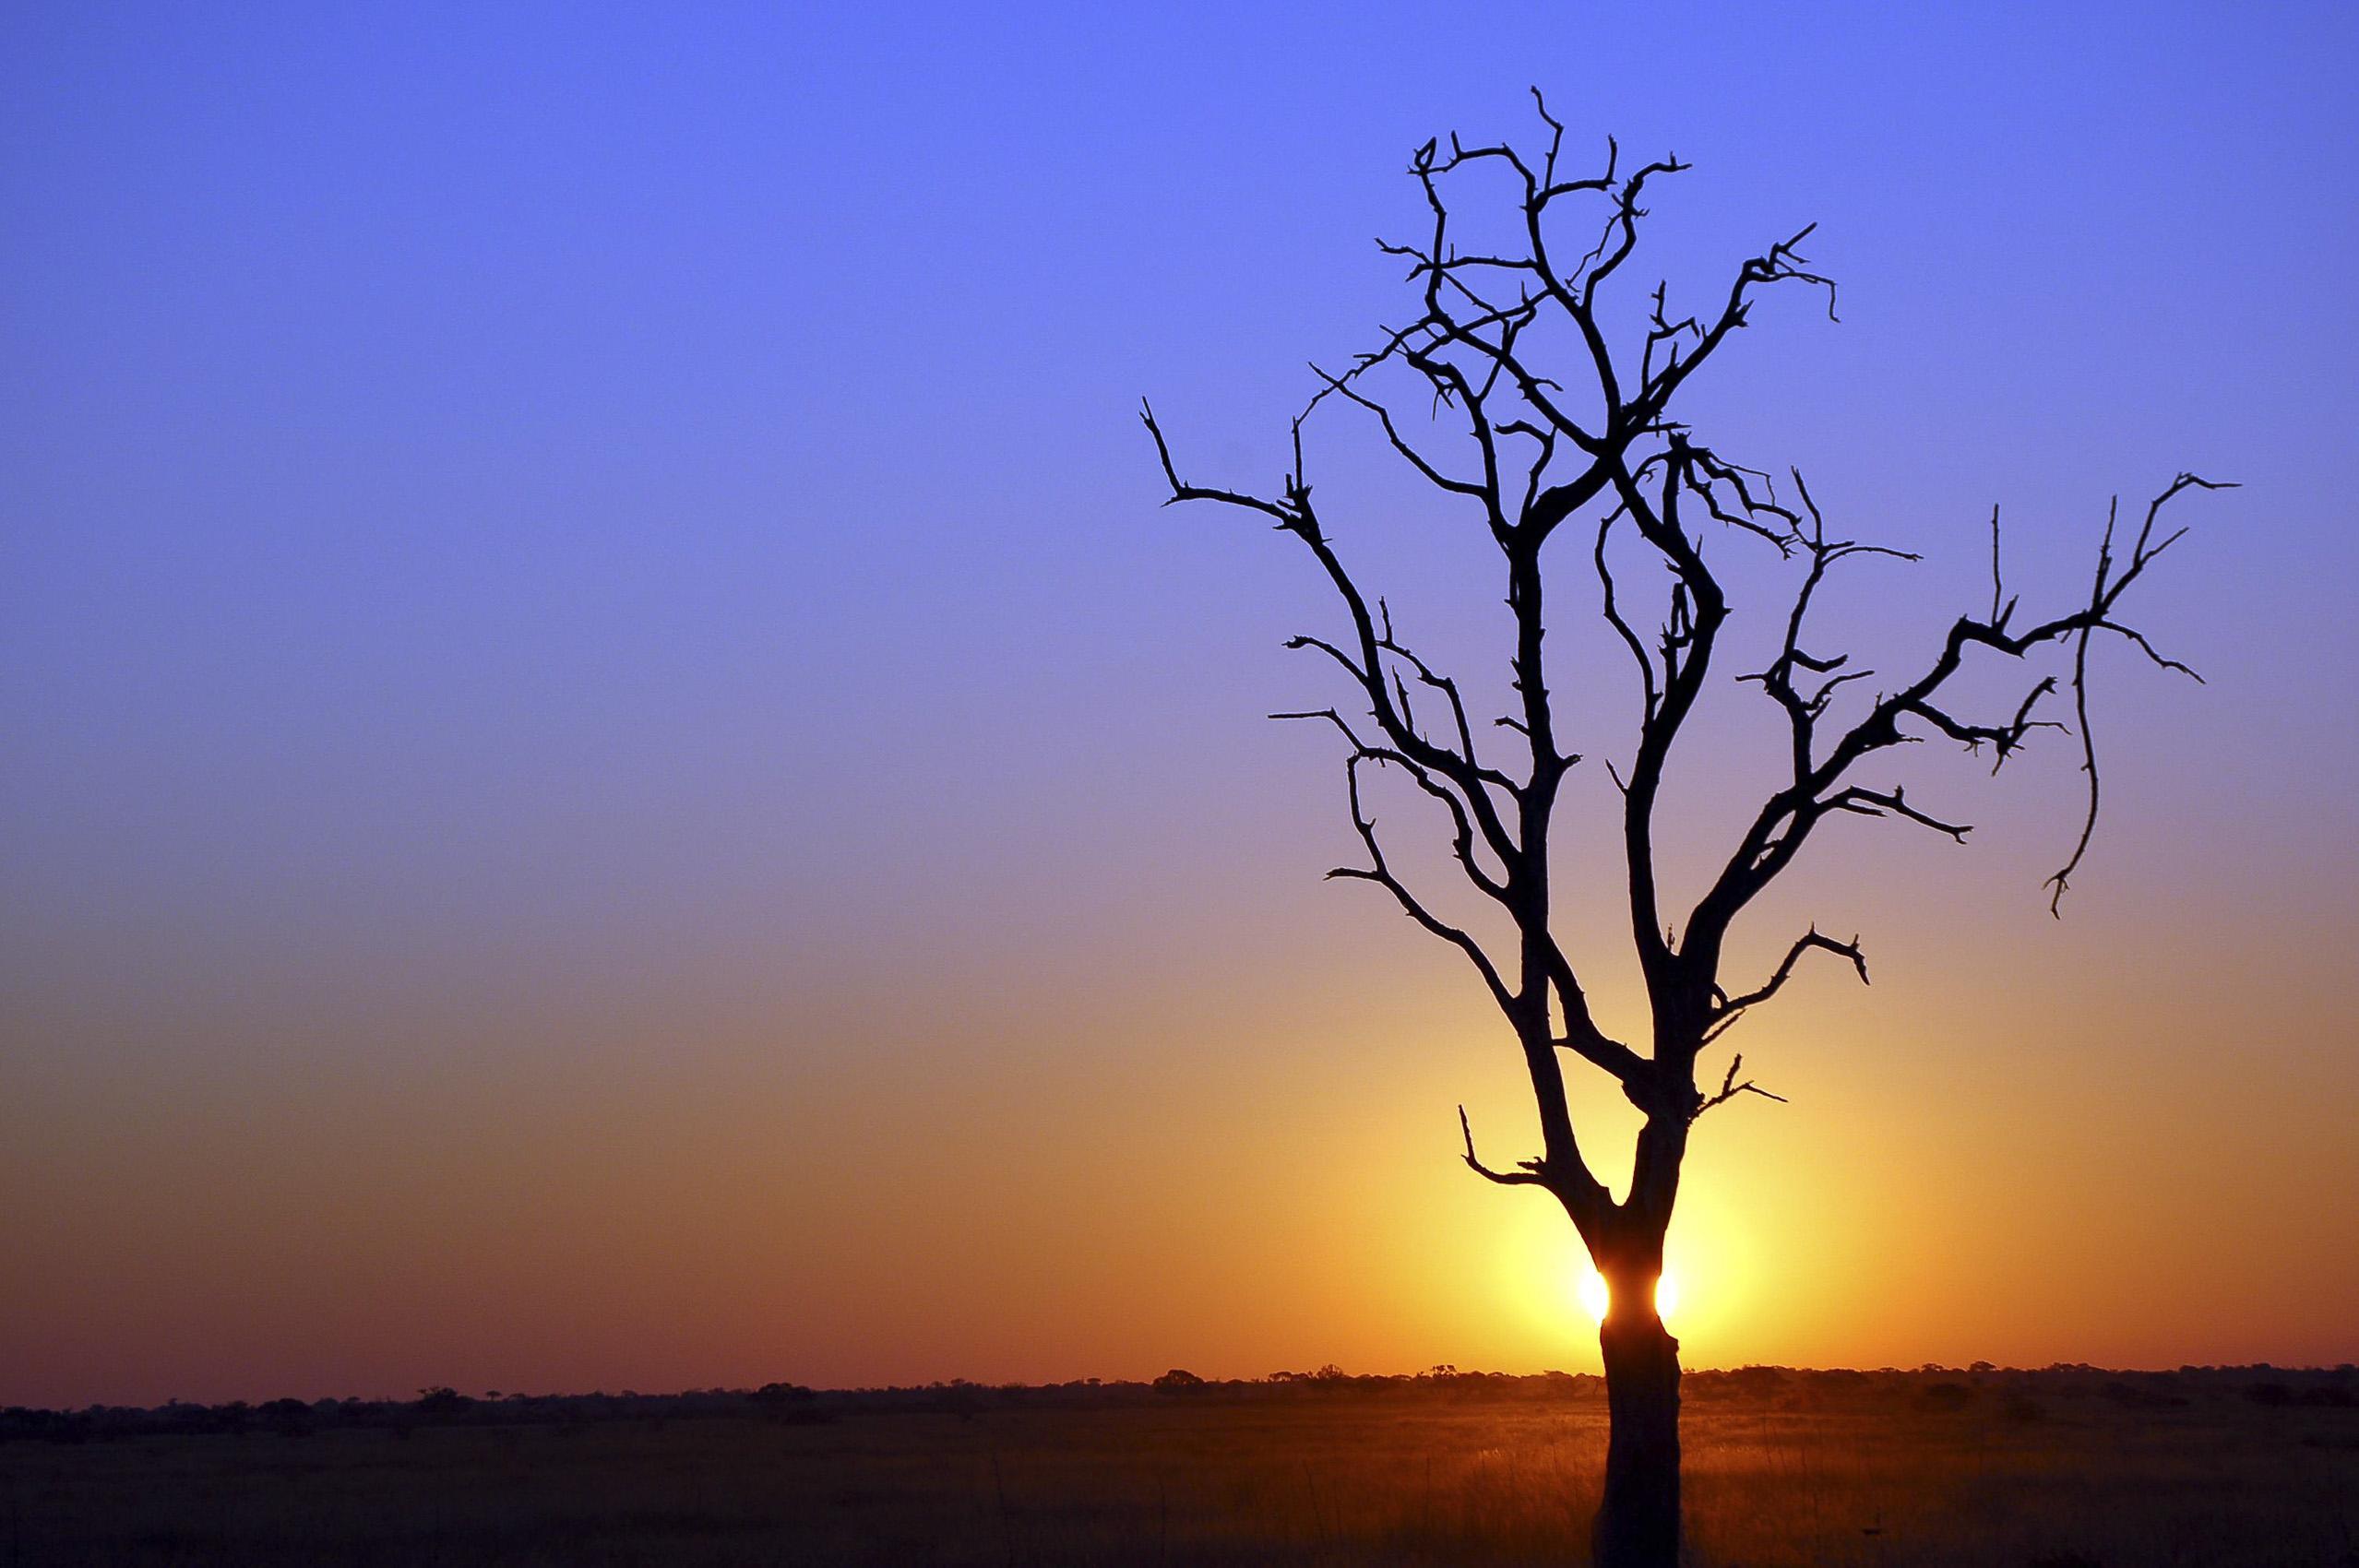 Botswana_kalahari_desert_tree.jpg